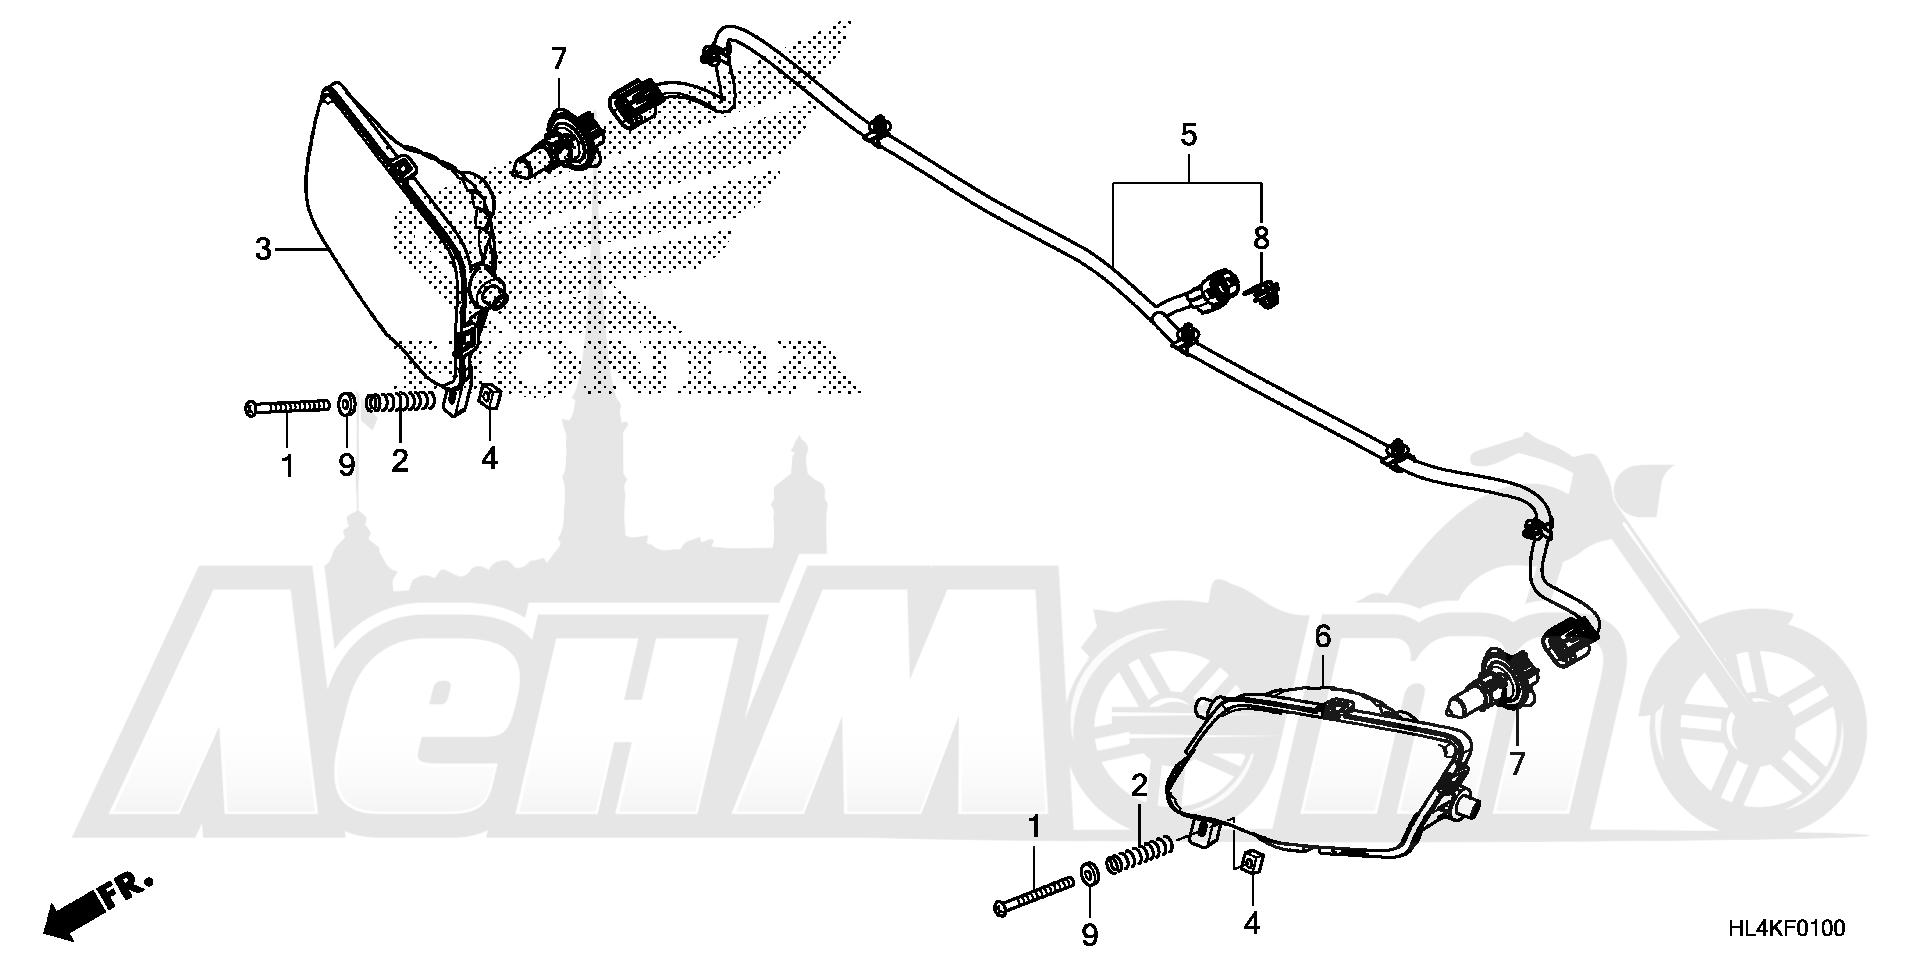 Запчасти для Квадроцикла Honda 2019 SXS1000M3L Раздел: HEADLIGHT (1)   передняя фара (1)